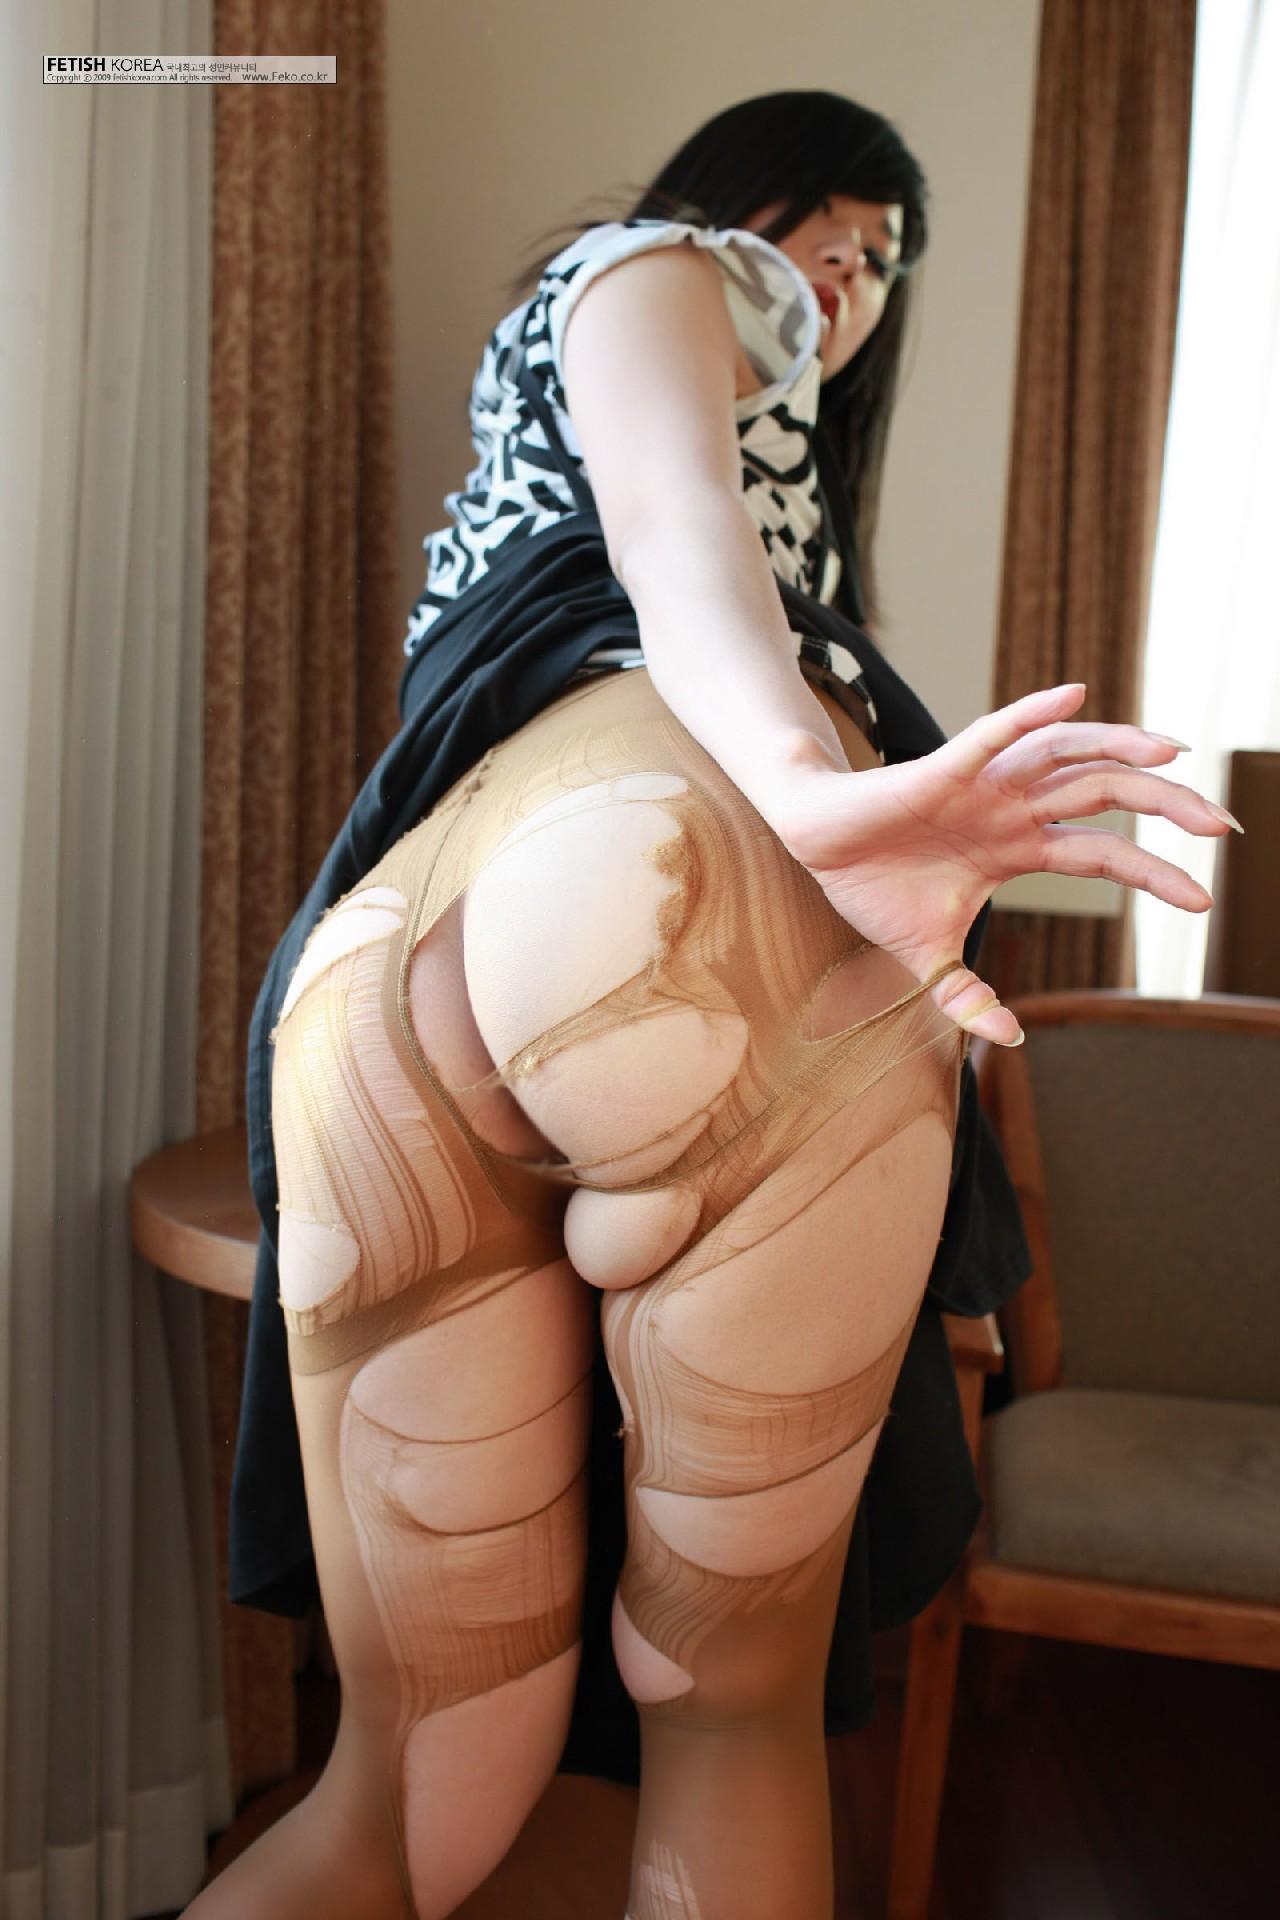 Кореянка специально для фетишистов разрывает на себе колготки и дразнит обнаженными частями тела